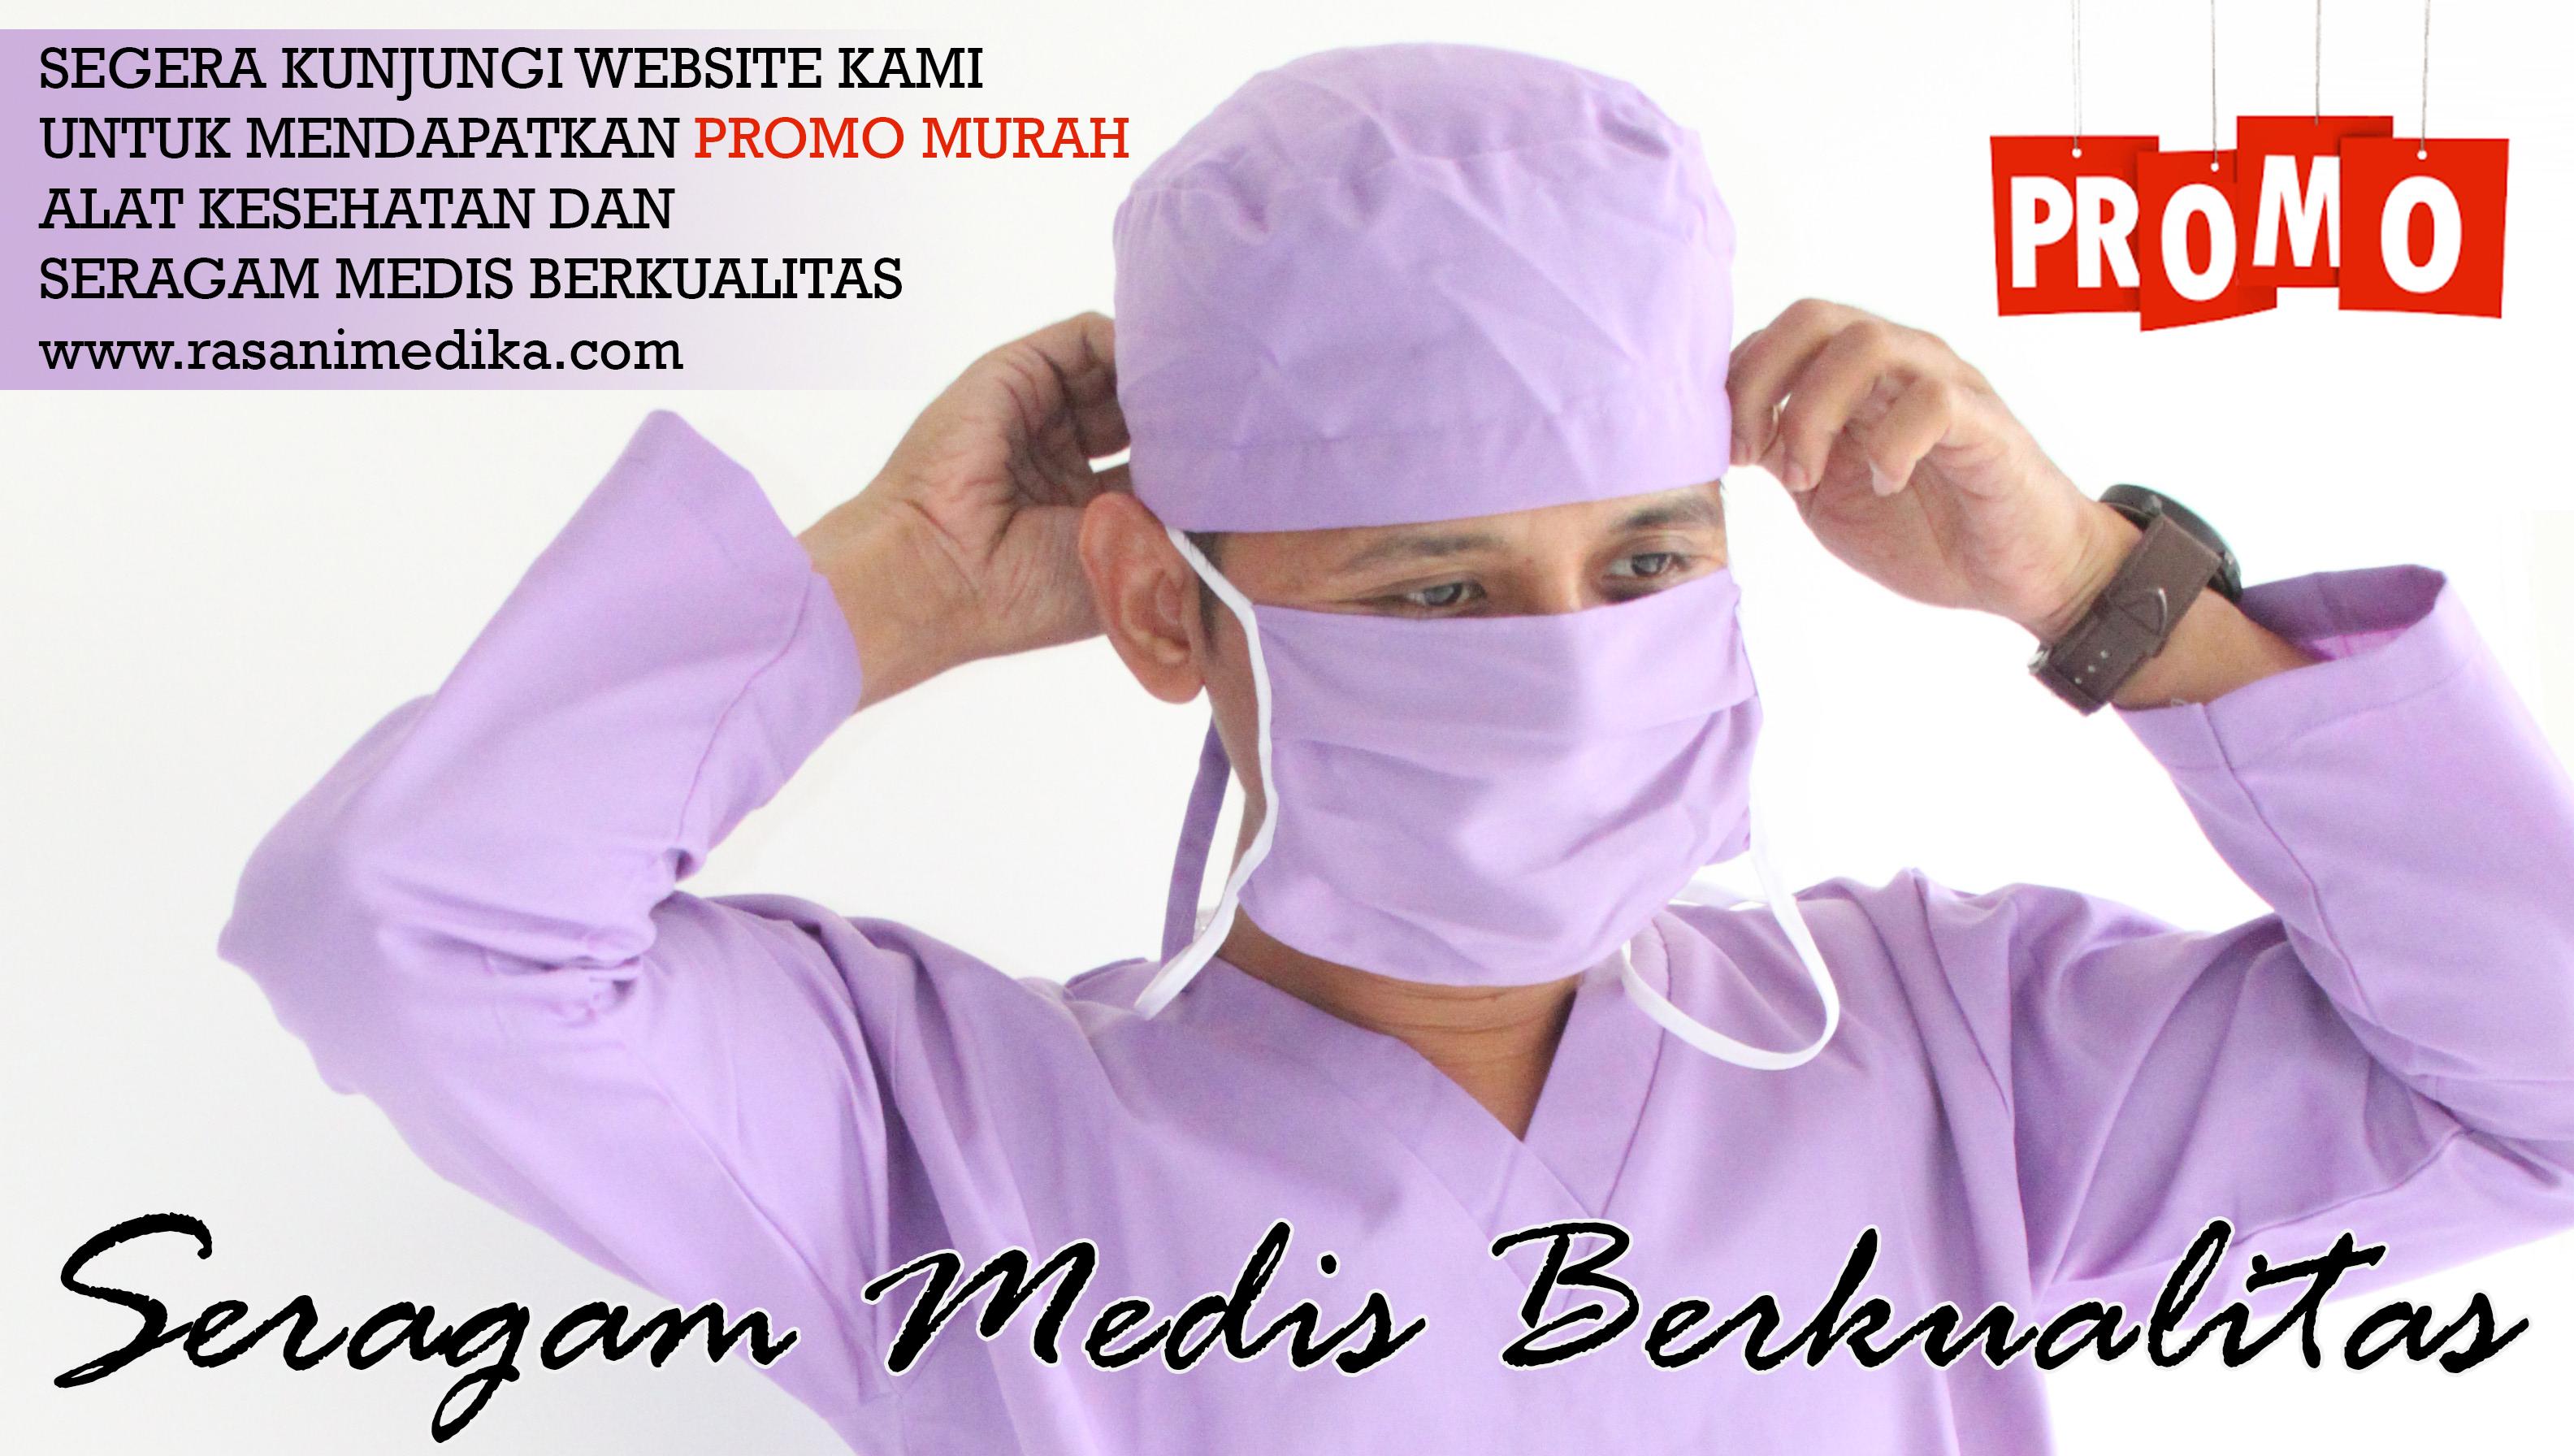 Toko Alat Kesehatan Ciputat Murah Berkualitas, Toko Alat Kesehatan Ciputat, Toko Alat Kesehatan Kebayoran Lama, Distributor Alat Kesehatan, Toko Alat Kesehatan Murah, Jual Alat Kesehatan, Distributor Alat Kesehatan Murah, Alat Kesehatan Alkes, Alat Terapi Kesehatan Murah, Alkes Murah, Nama Alat Kesehatan Dan Fungsinya, Jual Alat Kesehatan Glodok, Jual Alat Kesehatan Murah, Jual Alat Kesehatan Tangerang, Jual Alat Terapi Kesehatan, Jual Alat Kesehatan Pasar Pramuka, Jual Alat Kesehatan Dan Kedokteran Murah, Jual Alat Kesehatan Surabaya, Harga Alat Kesehatan Stetoskop, Harga Stetoskop, Daftar Harga Alat Kesehatan Kebidanan, Katalog Alat Kesehatan, Alat Alat Kesehatan Terbaru, Distributor Alat Kesehatan, Harga Alat Kesehatan 2015, Daftar Harga Alat Kesehatan 2012, Harga Alat Kesehatan 2011,Toko Alat Kesehatan Pondok Aren, Toko Alat Kesehatan Jombang Tangerang, Toko Alat Kesehatan Lebak Bulus Pondok Pinang, Toko Alat Kesehatan Kebayoran Lama, Toko Alat Kesehatan Senayang, Toko Alat Kesehatan Serpong, Toko Alat Kesehatan Bsd, Toko Alat Kesehatan Alat Sutra, Toko Alat Kesehatan Gading Serpong, Toko Alat Kesehatan Serpong, Distributor Alat Kesehatan Serpong, Lokasi Toko Alat Kesehatan Serpong, Toko Alkes Murah Di Serpong, Toko Alat Kesehatan Pamulang, Pamulang Permai 1 & 2, Pamulang, Pamulang Regency, Jl. Hj. Rean, Benda Baru – Pamulang Tangerang Selatan, Perumahan Taman Fasco Tangerang Selatan, Grosir Pralatan Medis Di Serpong, Lokasi Toko Alat Kesehatan Di Serpong, Toko Alat Kesehatan Di Serpong , Grosir Alat Kesehatan Di Serpong, Pusat Alat Kesehatan Di Serpong, Toko Alkes Di Serpong, Toko Pralatan Medis Di Serpong , Toko Alat Kesehatan Bintaro, Toko Alat Kesehatan Ciputat, Perumahan Batan Indah, Toko Alat Kesehatan Pondok Aren, Toko Alat Kesehatan Serpong,Distributor Alat Kesehatan, Toko Alat Kesehatan Murah, Jual Alat Kesehatan, Distributor Alat Kesehatan Murah, Alat Kesehatan Alkes, Alat Terapi Kesehatan Murah, Alkes Murah, Nama Alat Kesehatan Dan Fungsinya, Jual Ala